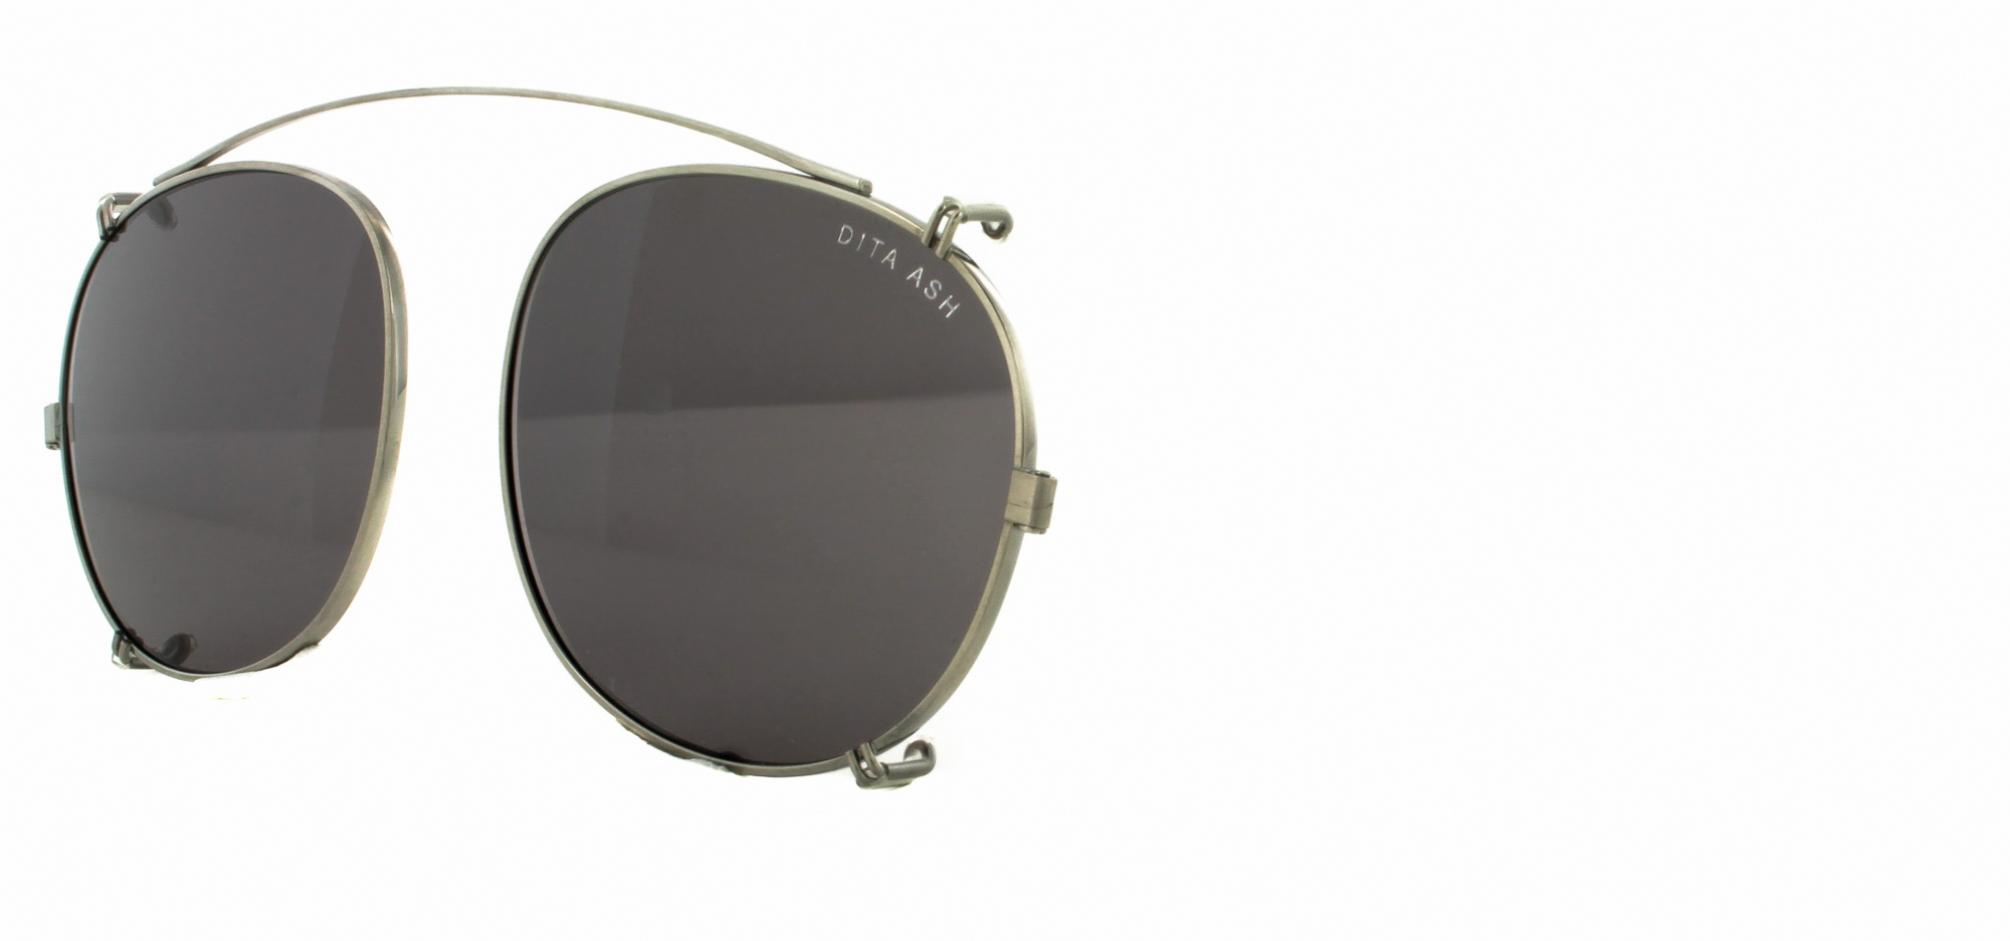 7e9c5f80681e Buy Dita Sunglasses directly from OpticsFast.com